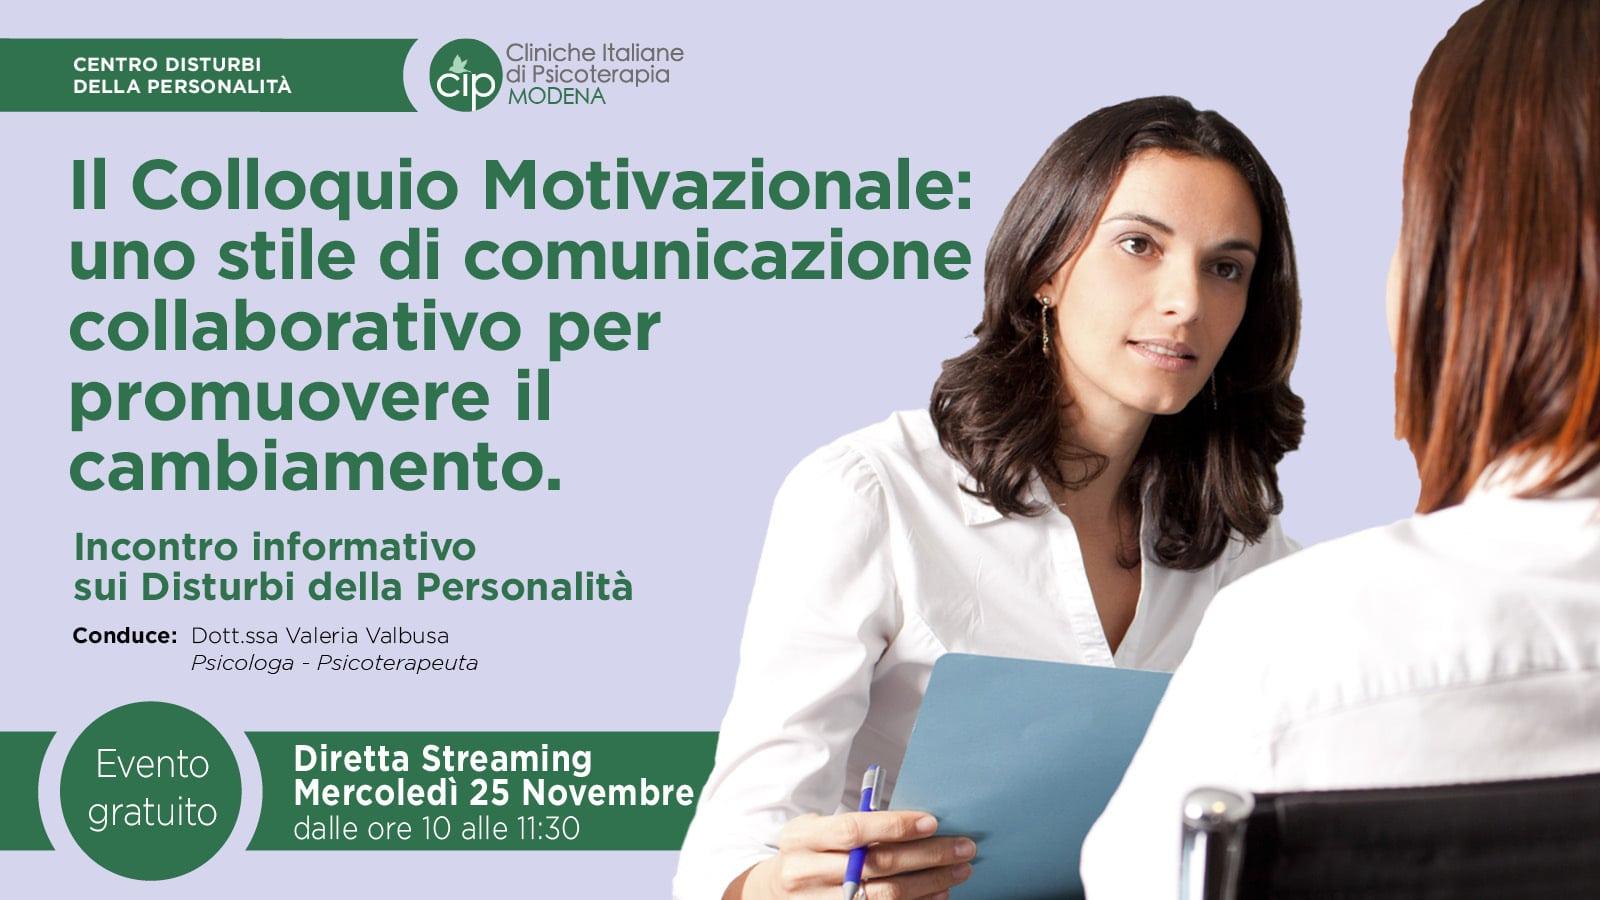 CIP MODENA - 201125 - Colloquio Motivazionale - Banner